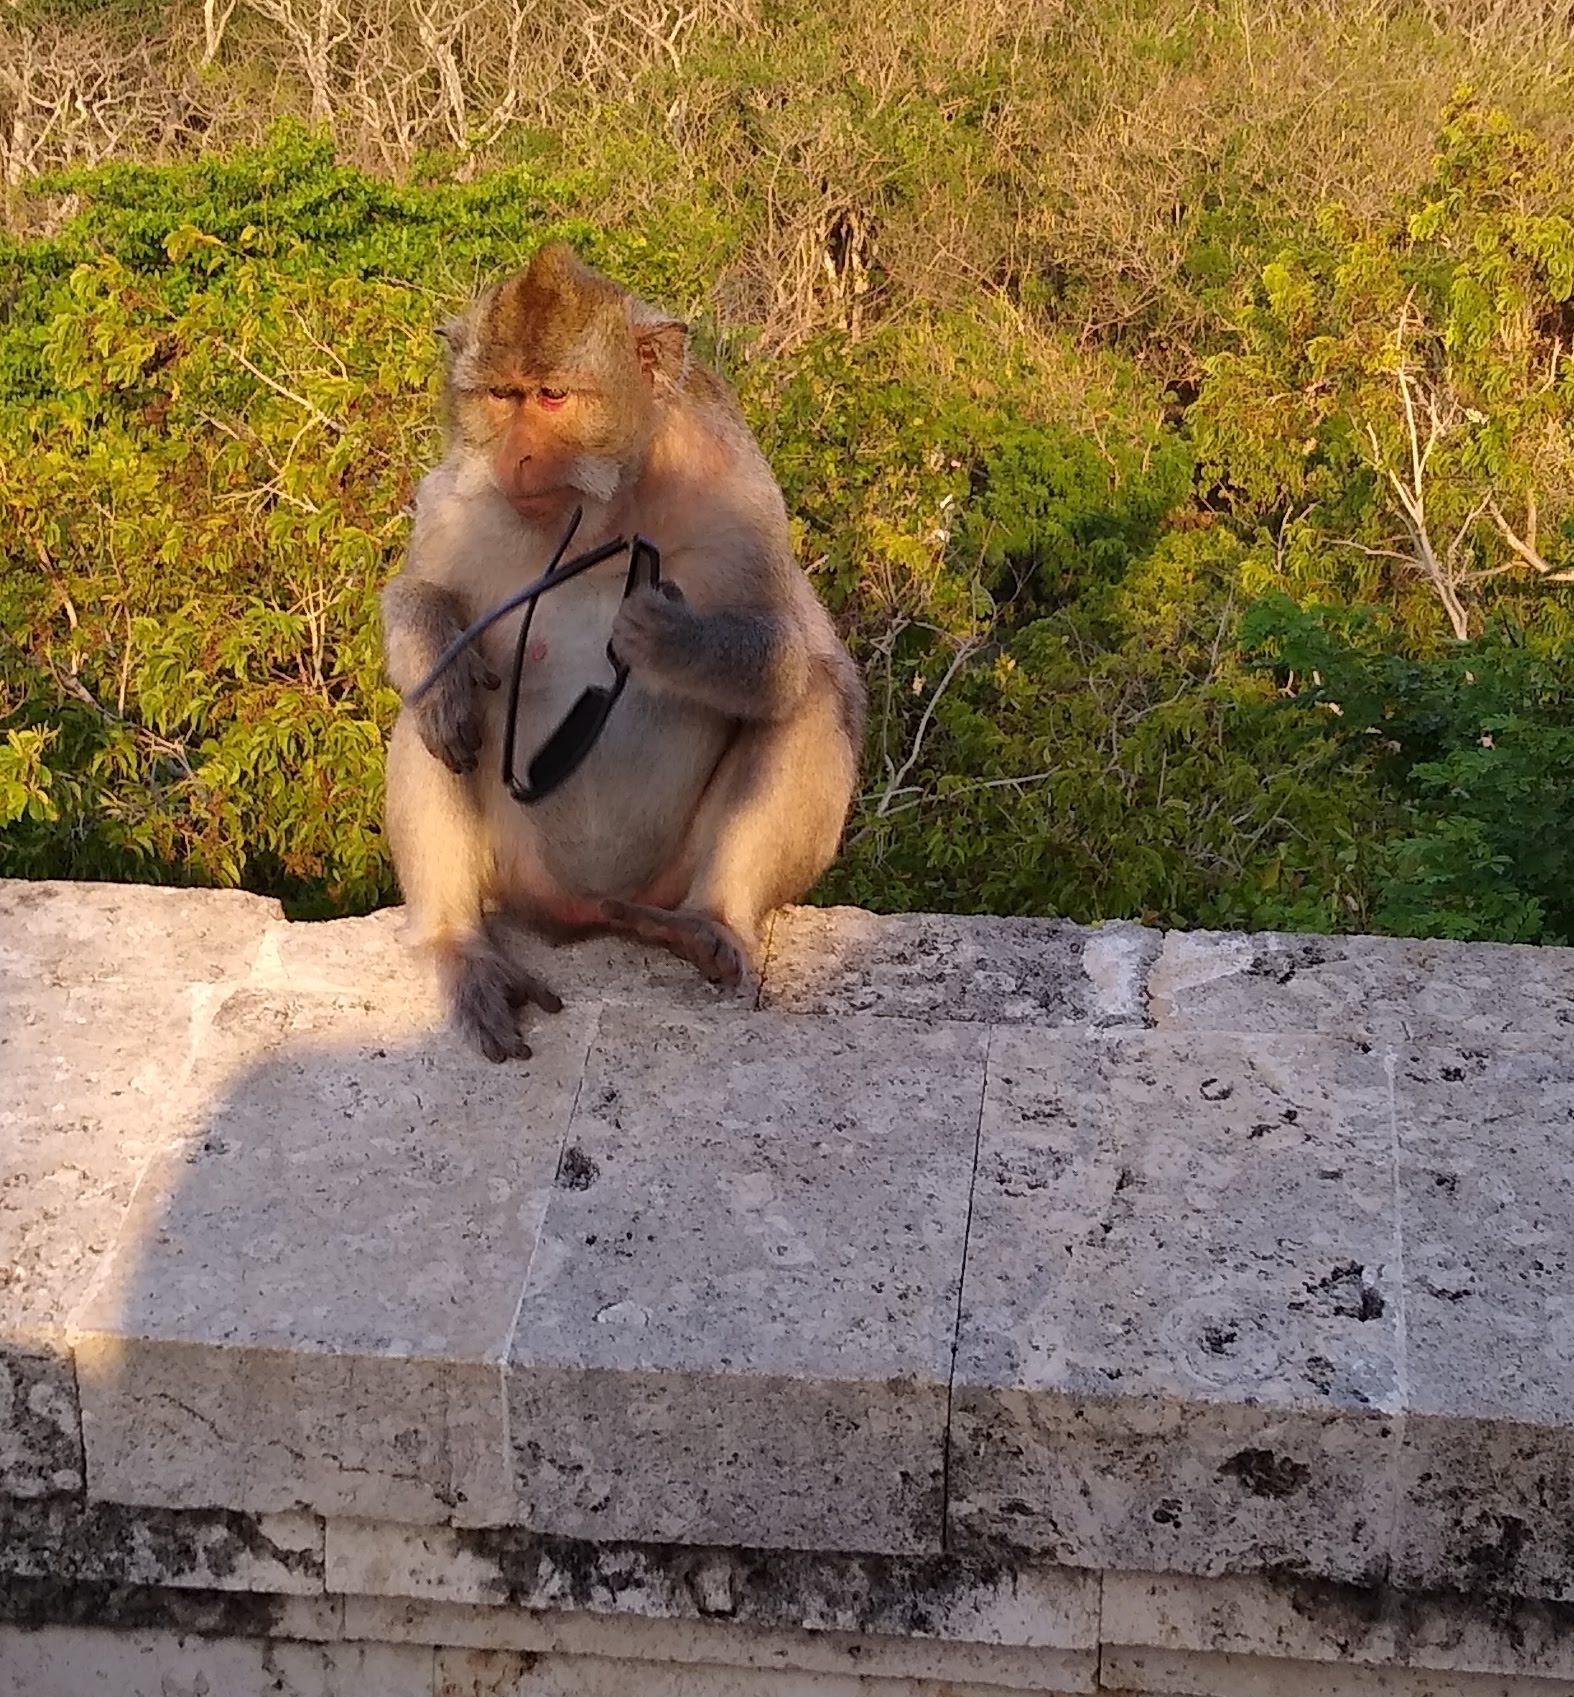 Uluwatu_monkey_2_-_stolen_sunglasses